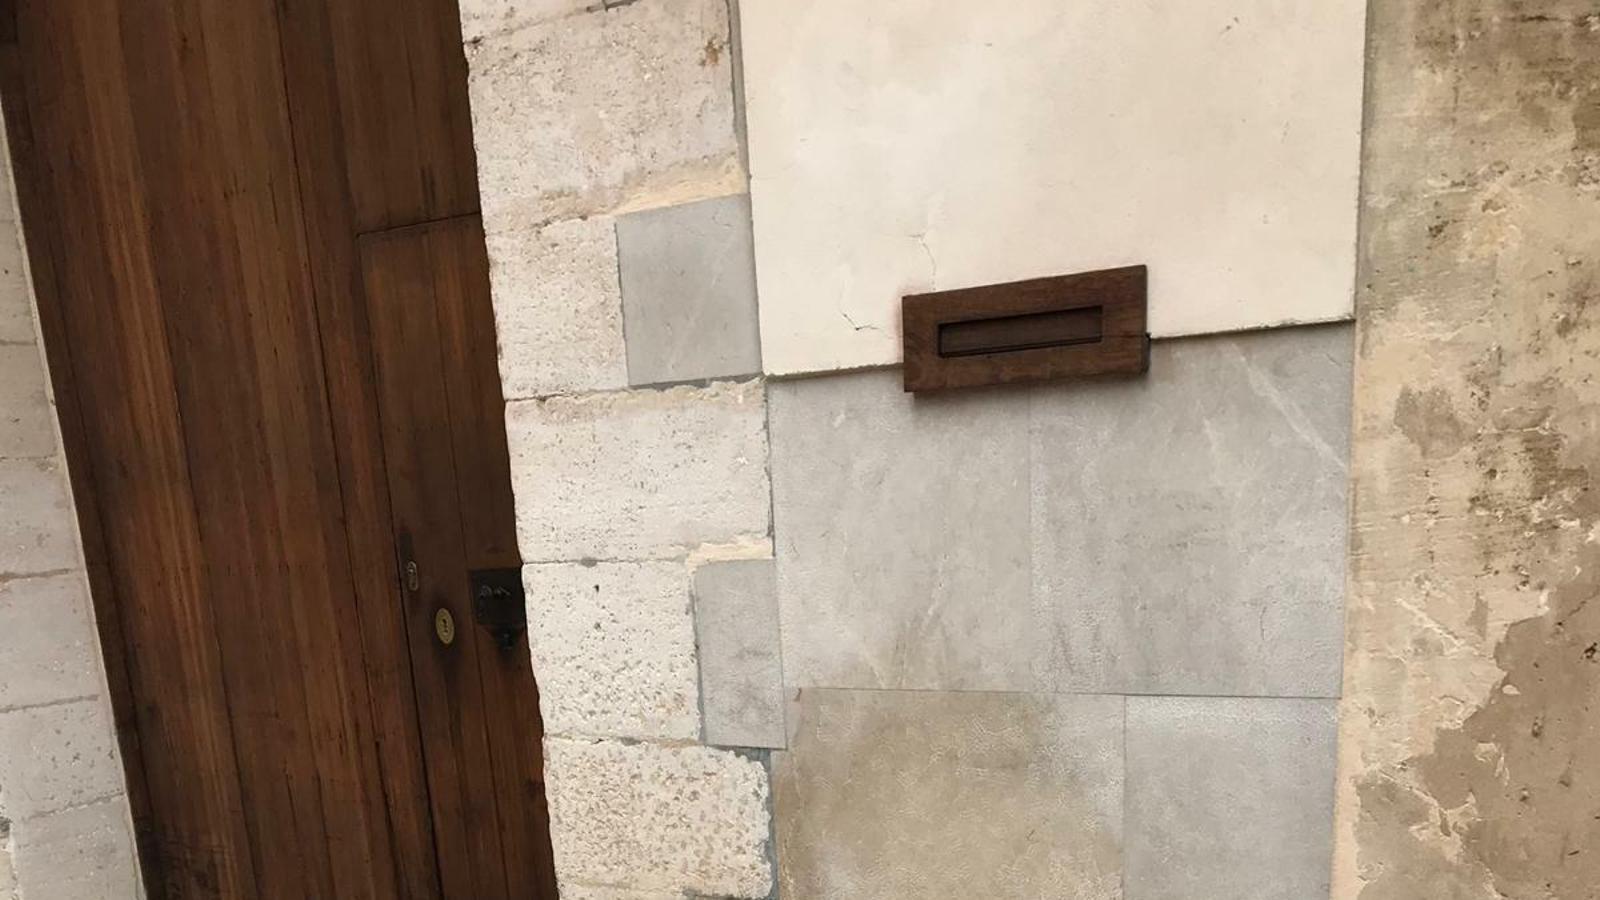 Orgull Llonguet recorda el 400è aniversari de la l'assassinat de Jaume Joan de Berga i de Sales